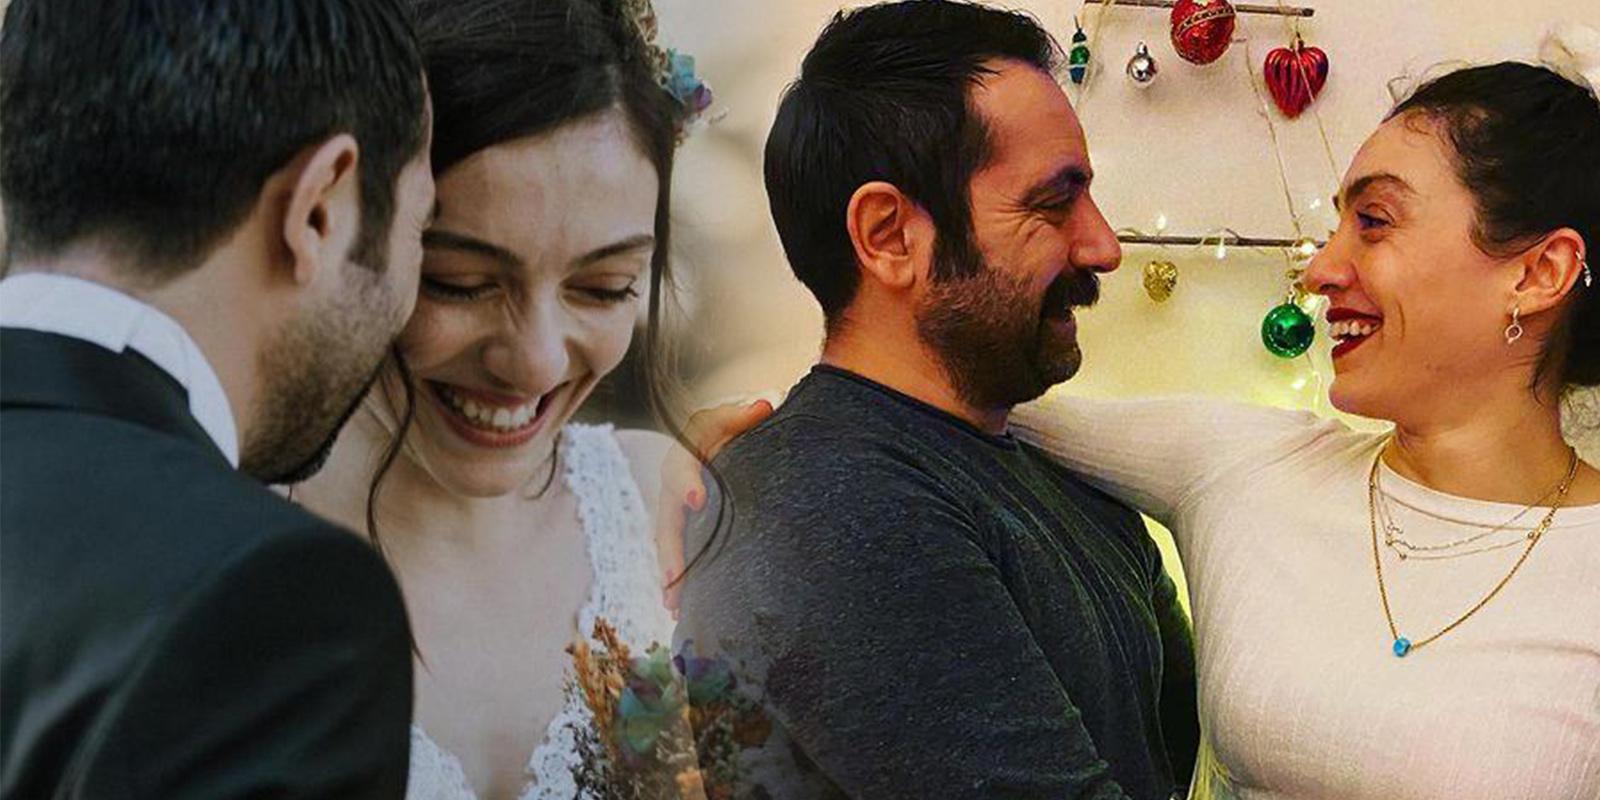 Ayrılıkları herkesi üzmüştü! Merve Dizdar ve Gülhan Altundaşar'ın boşanma nedeni belli oldu!